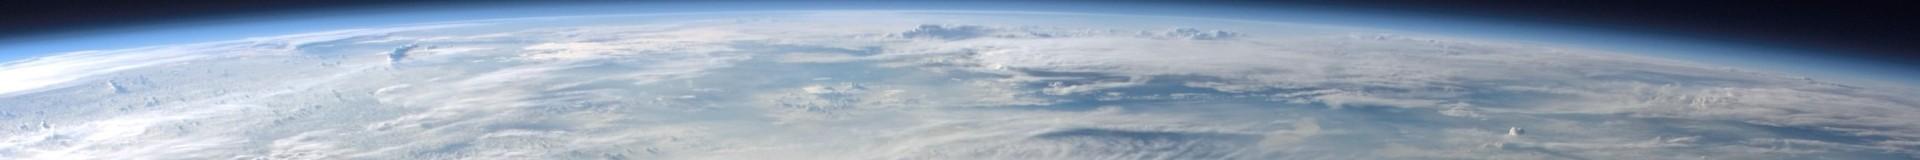 Tableau de bord des engagements climat image